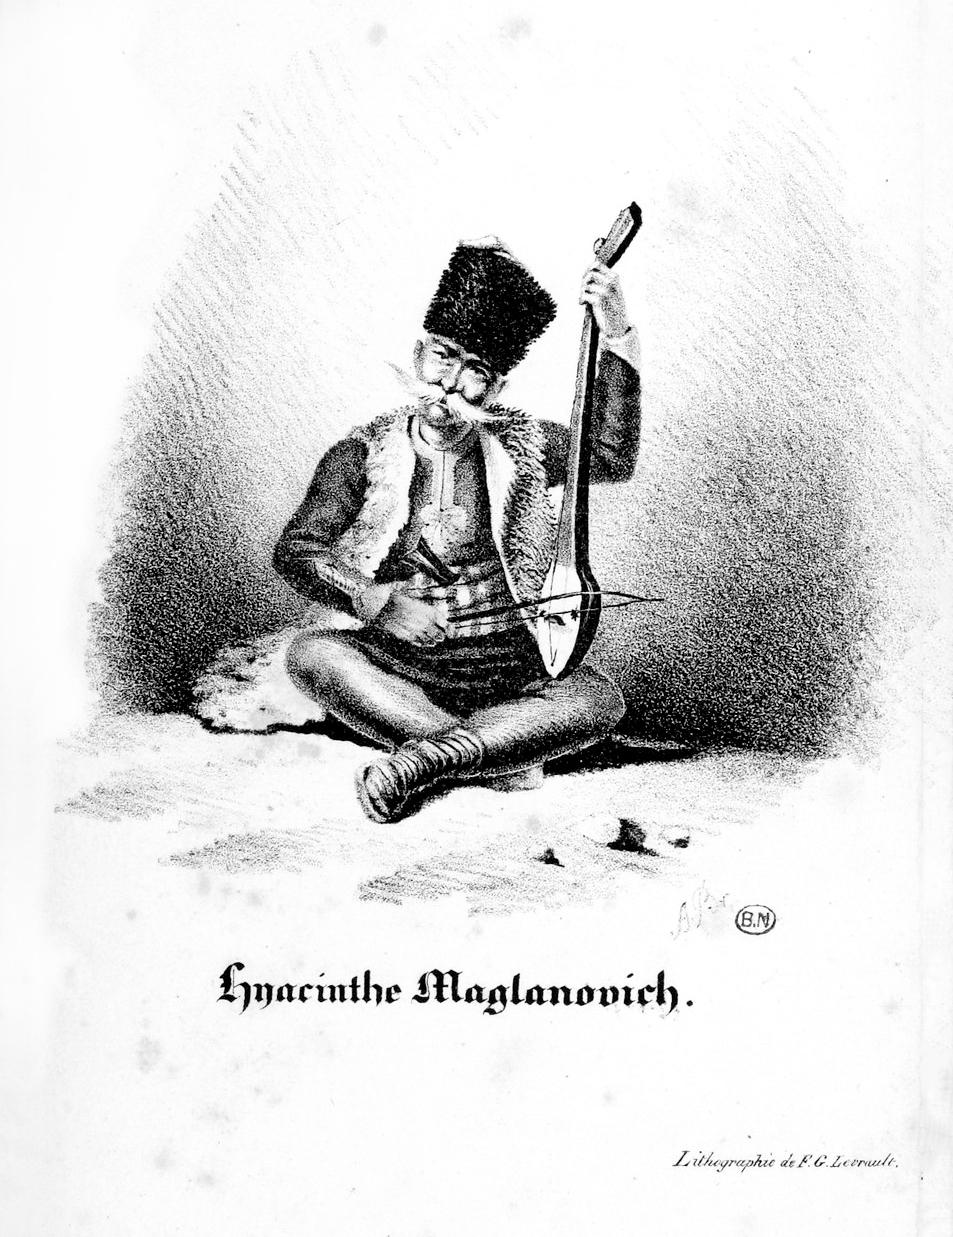 Gravure en tête de l'ouvrage -La Guzla- de Prosper Mérimée, 1827